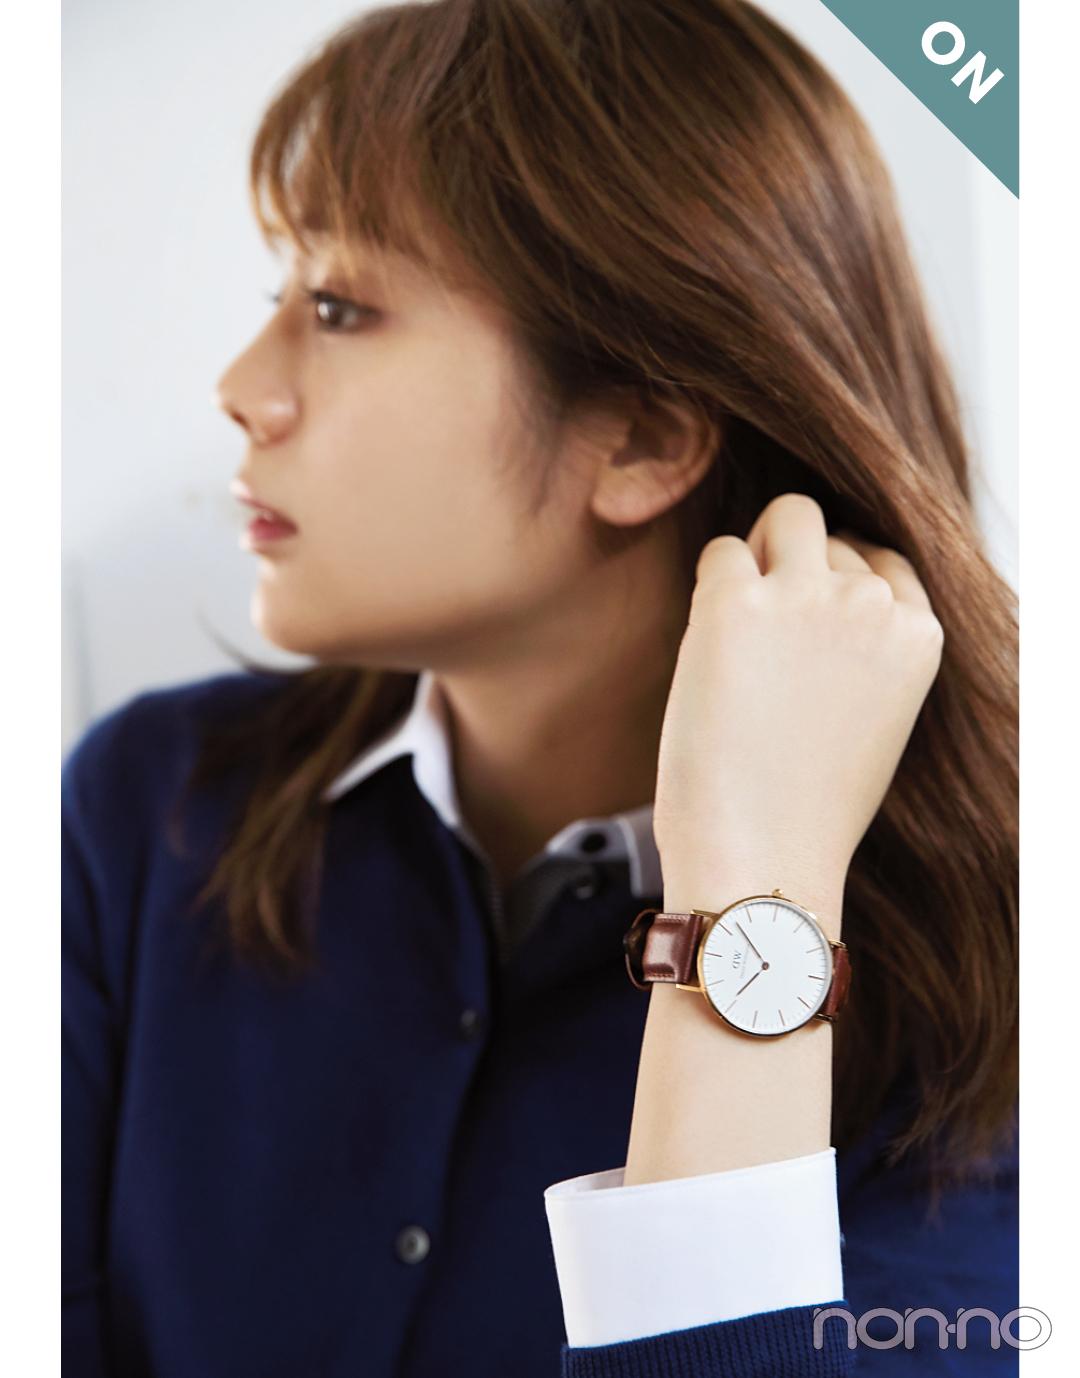 会社できれいめ、プラベでおしゃれな時計はこれ!【オンオフ使える名品リスト】_1_4